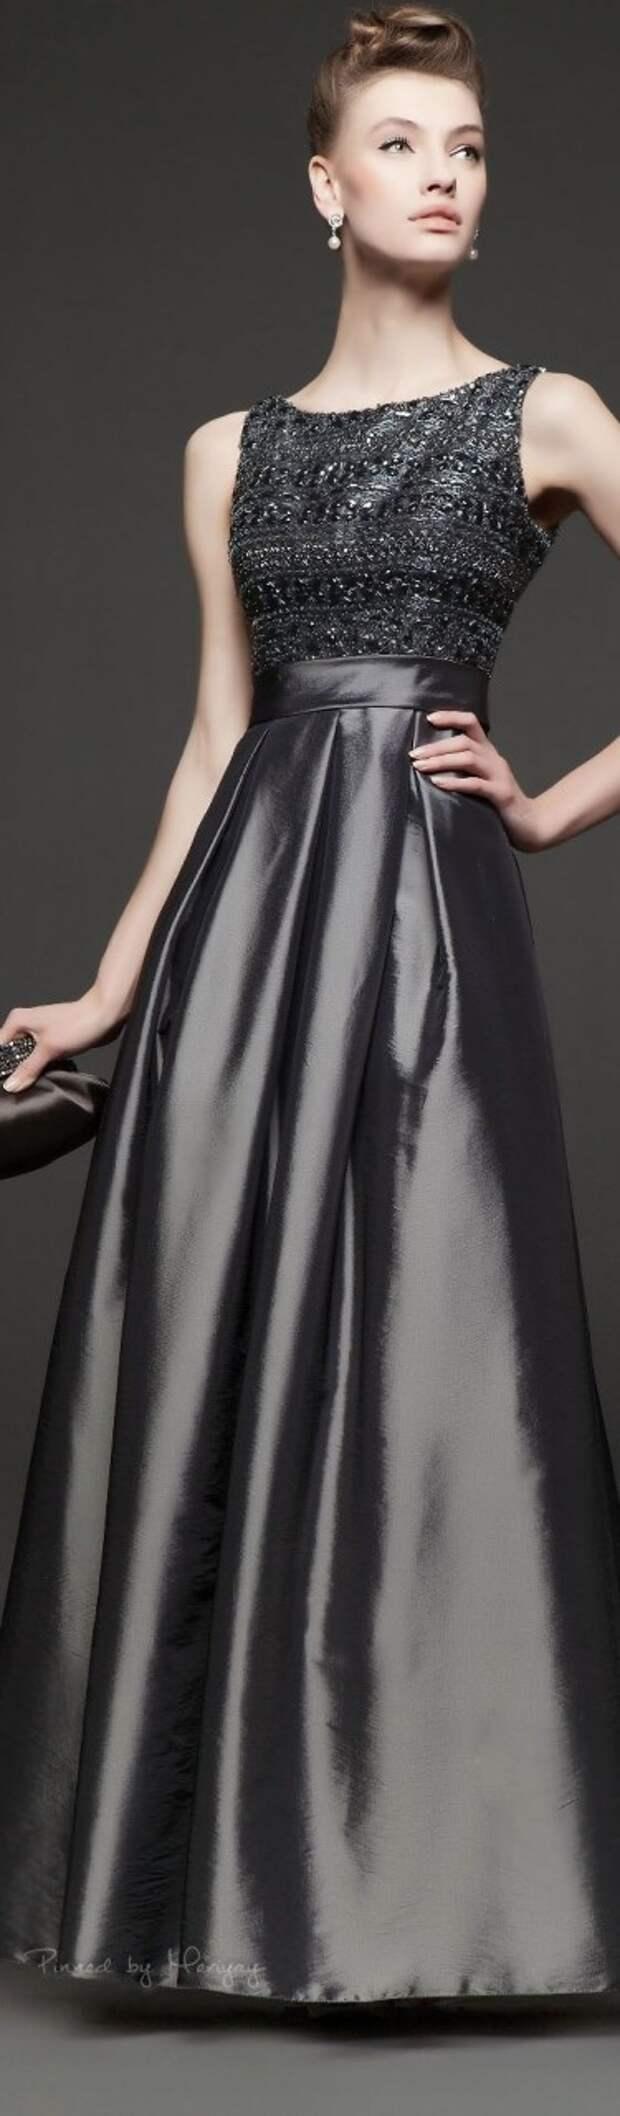 Длинные платья для невысоких часть 1